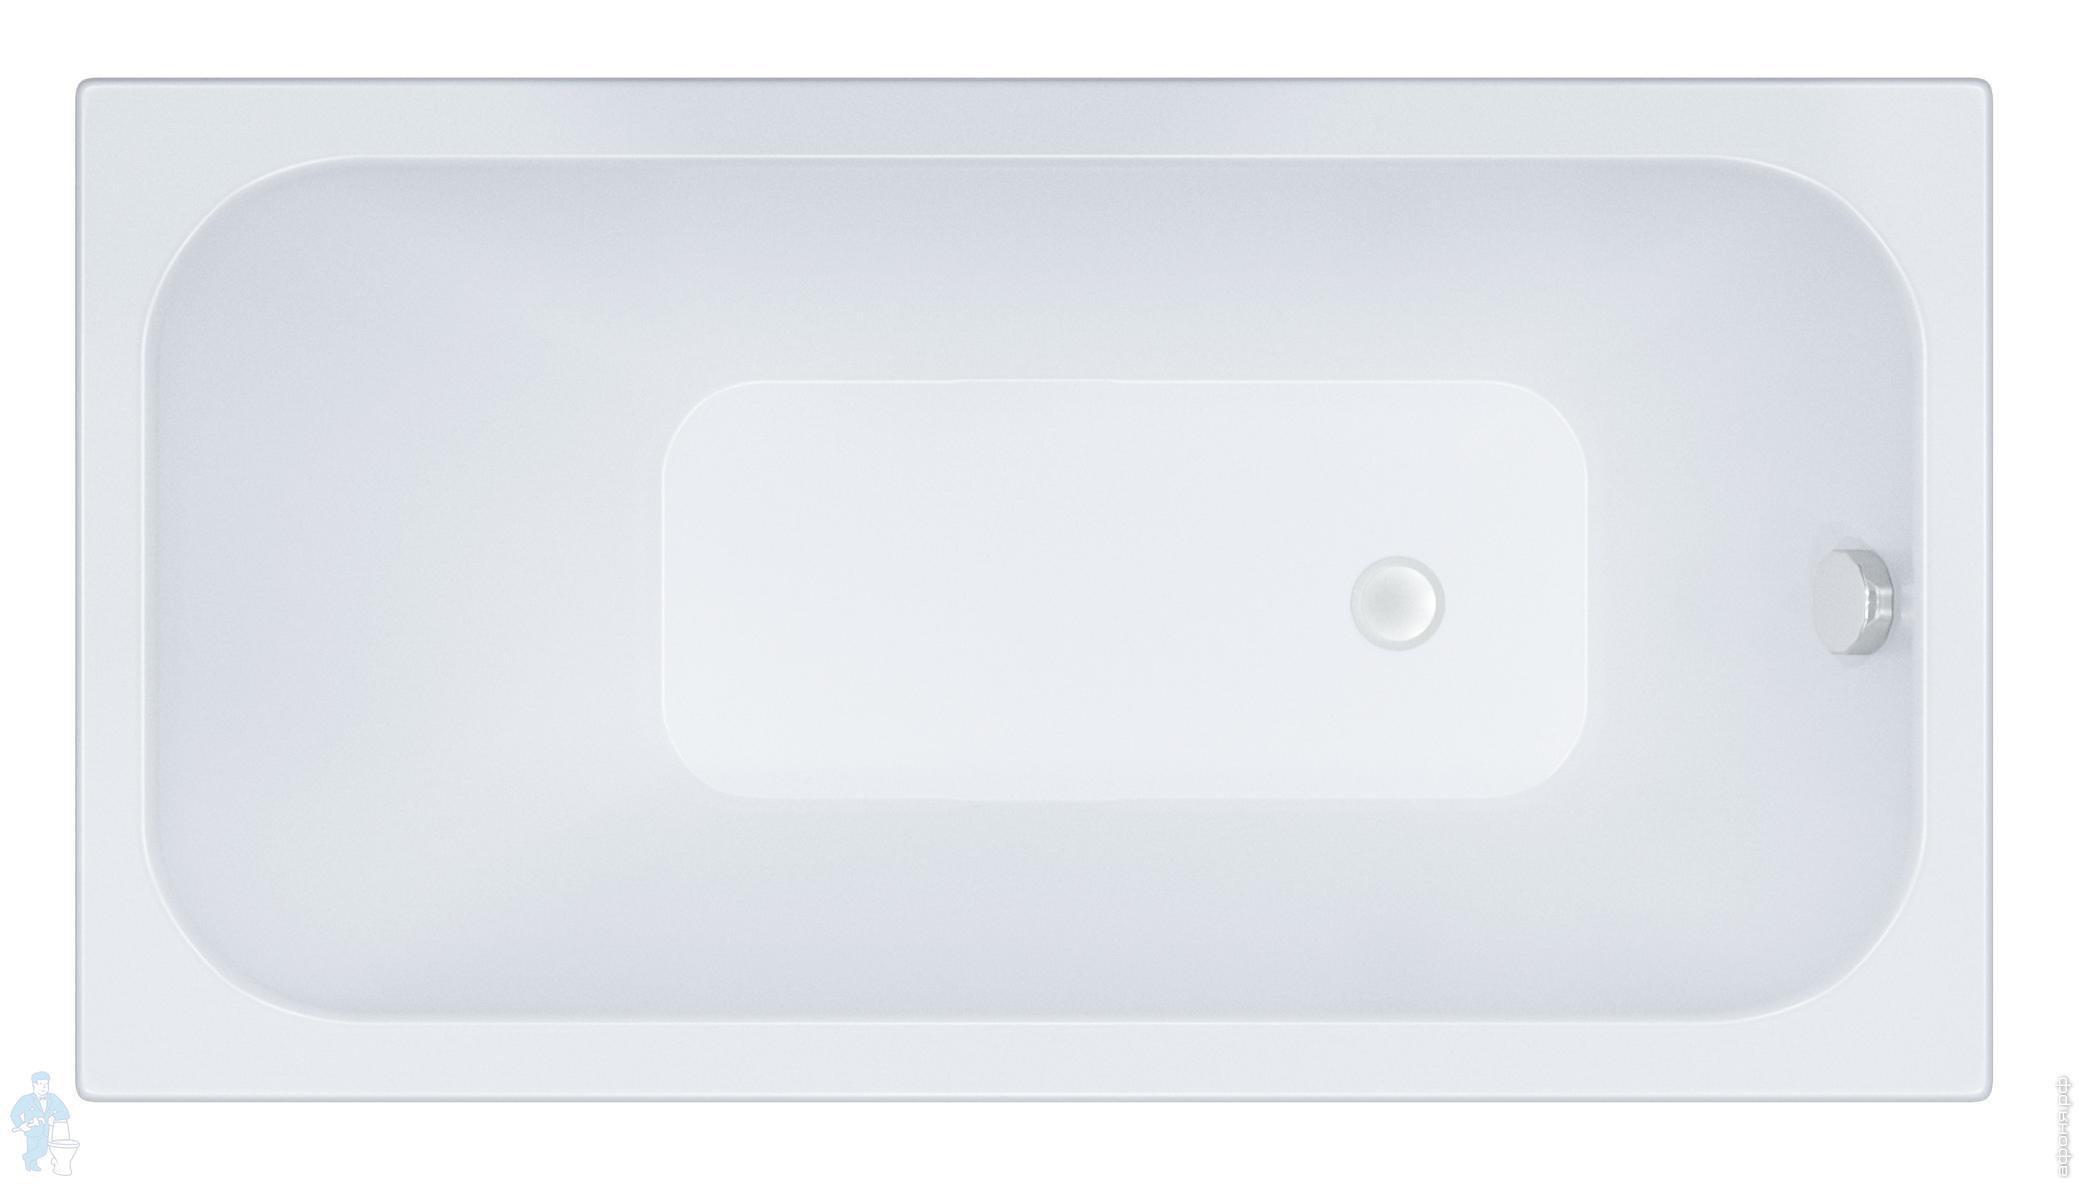 Ванна акриловая Triton Ультра (1300х700) без каркаса, со сливом-переливом | Афоня.рф, цена 4 520 руб.